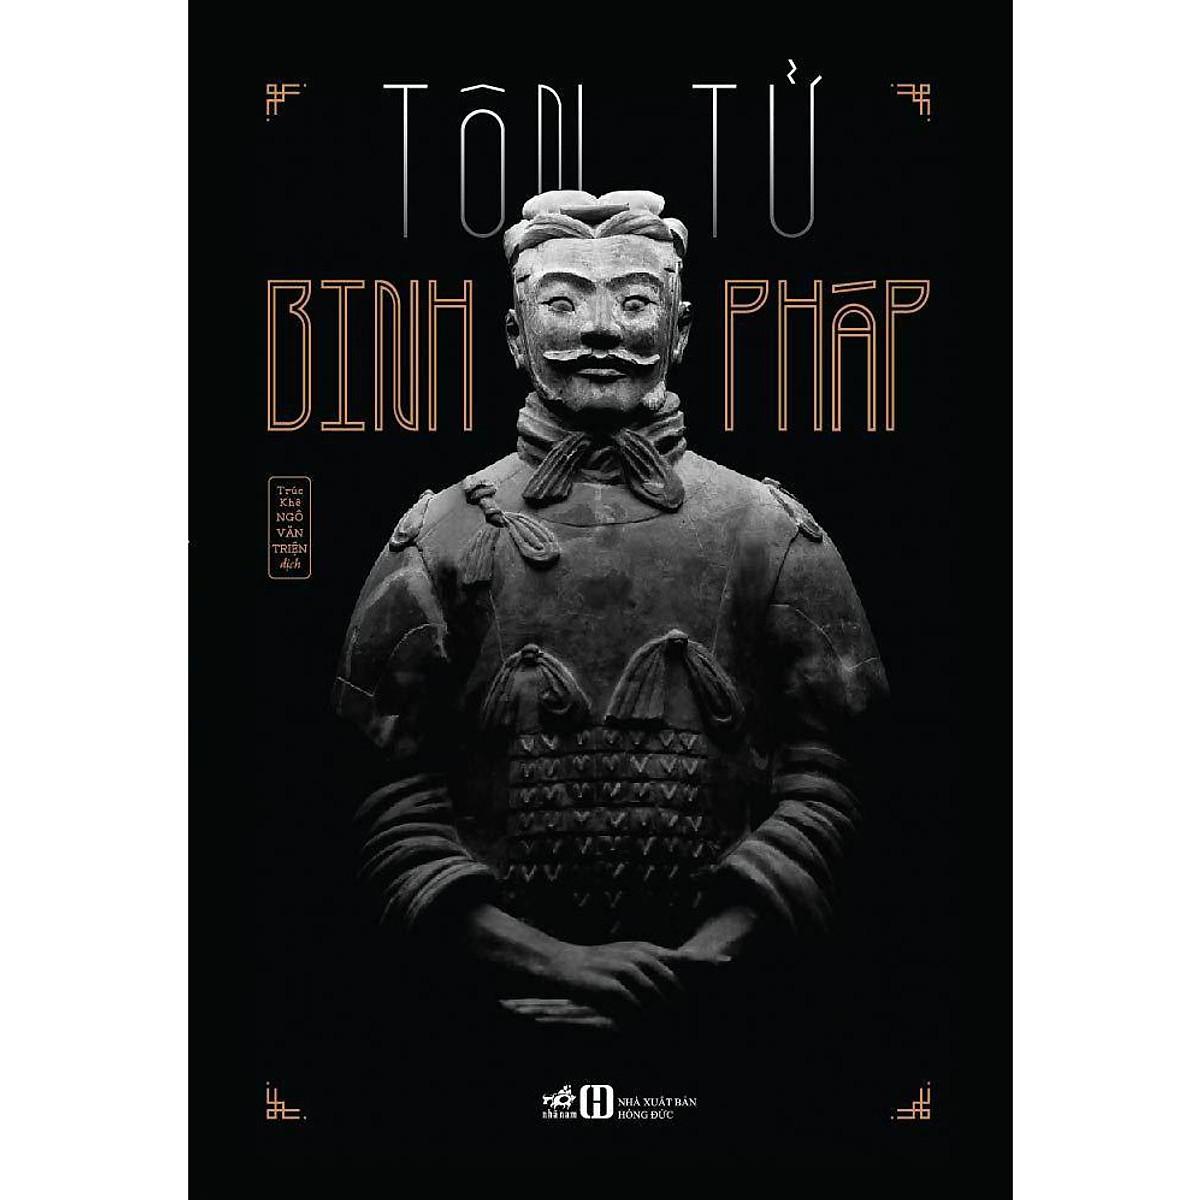 Tôn Tử Binh Pháp – Tôn Tử - DTV eBook - Thư ...